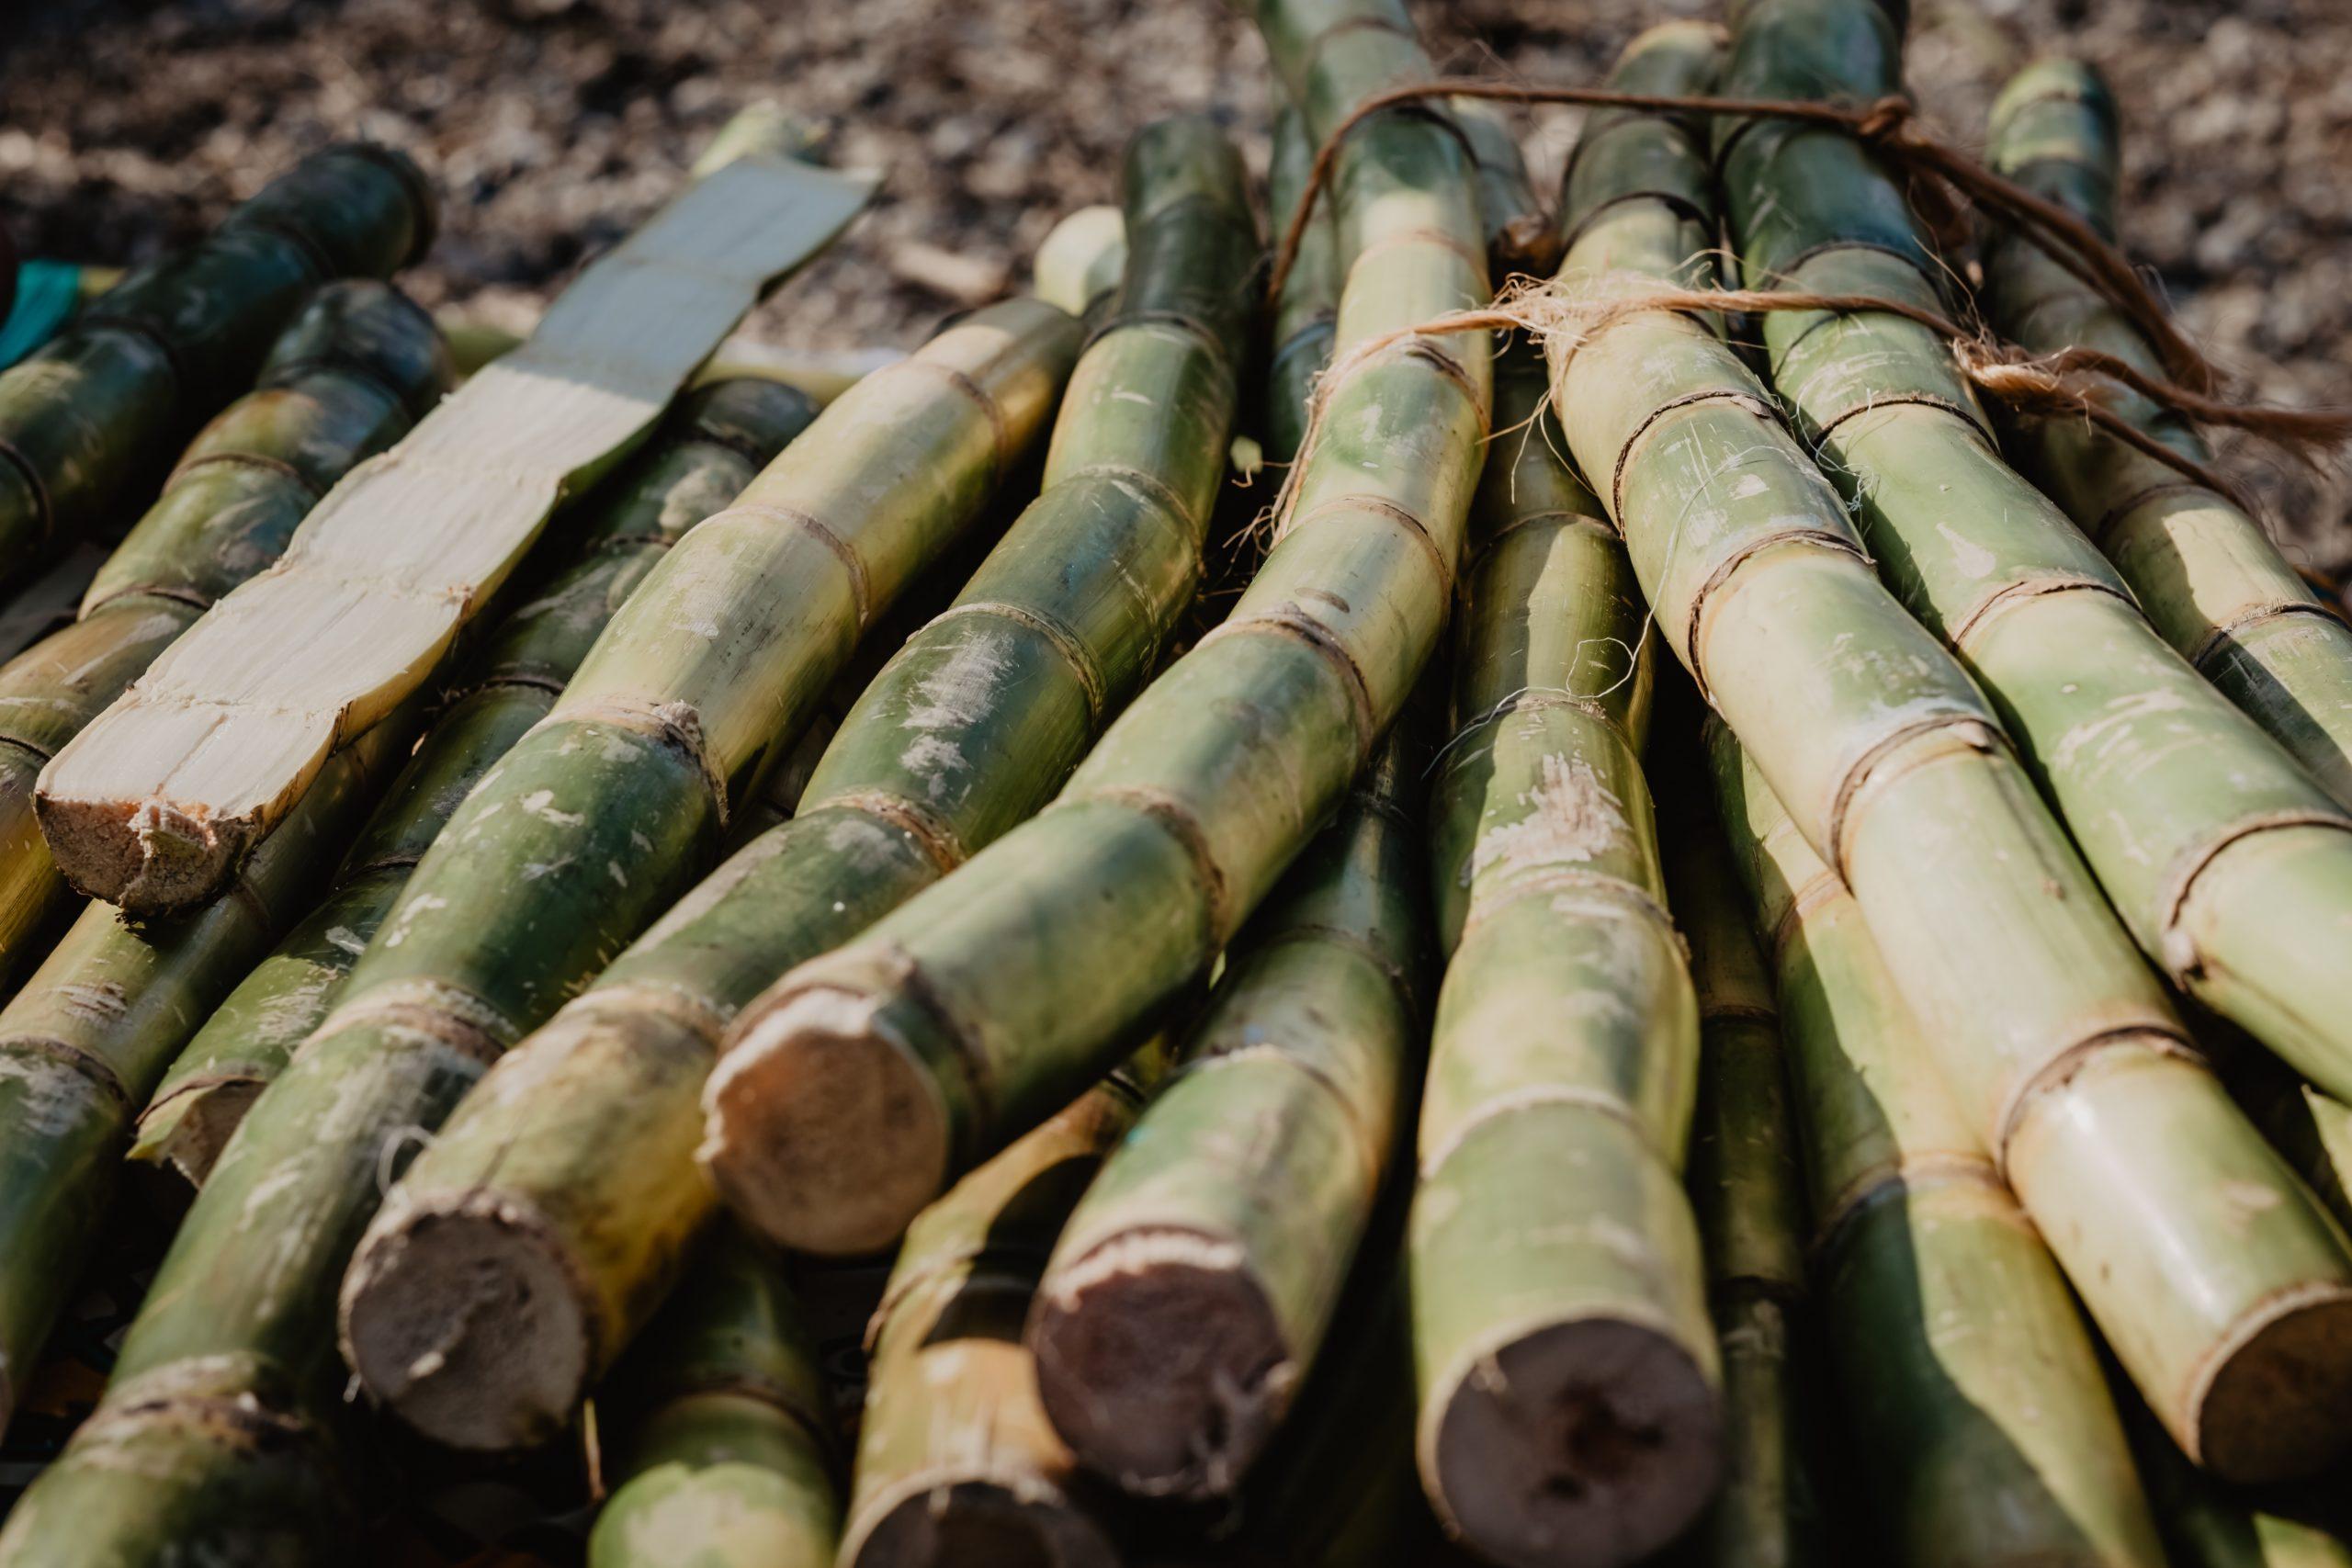 sugar-açúcar-importação-exportação-comércio-exterior-agronegocio-brasileiro-agribusiness.jpg